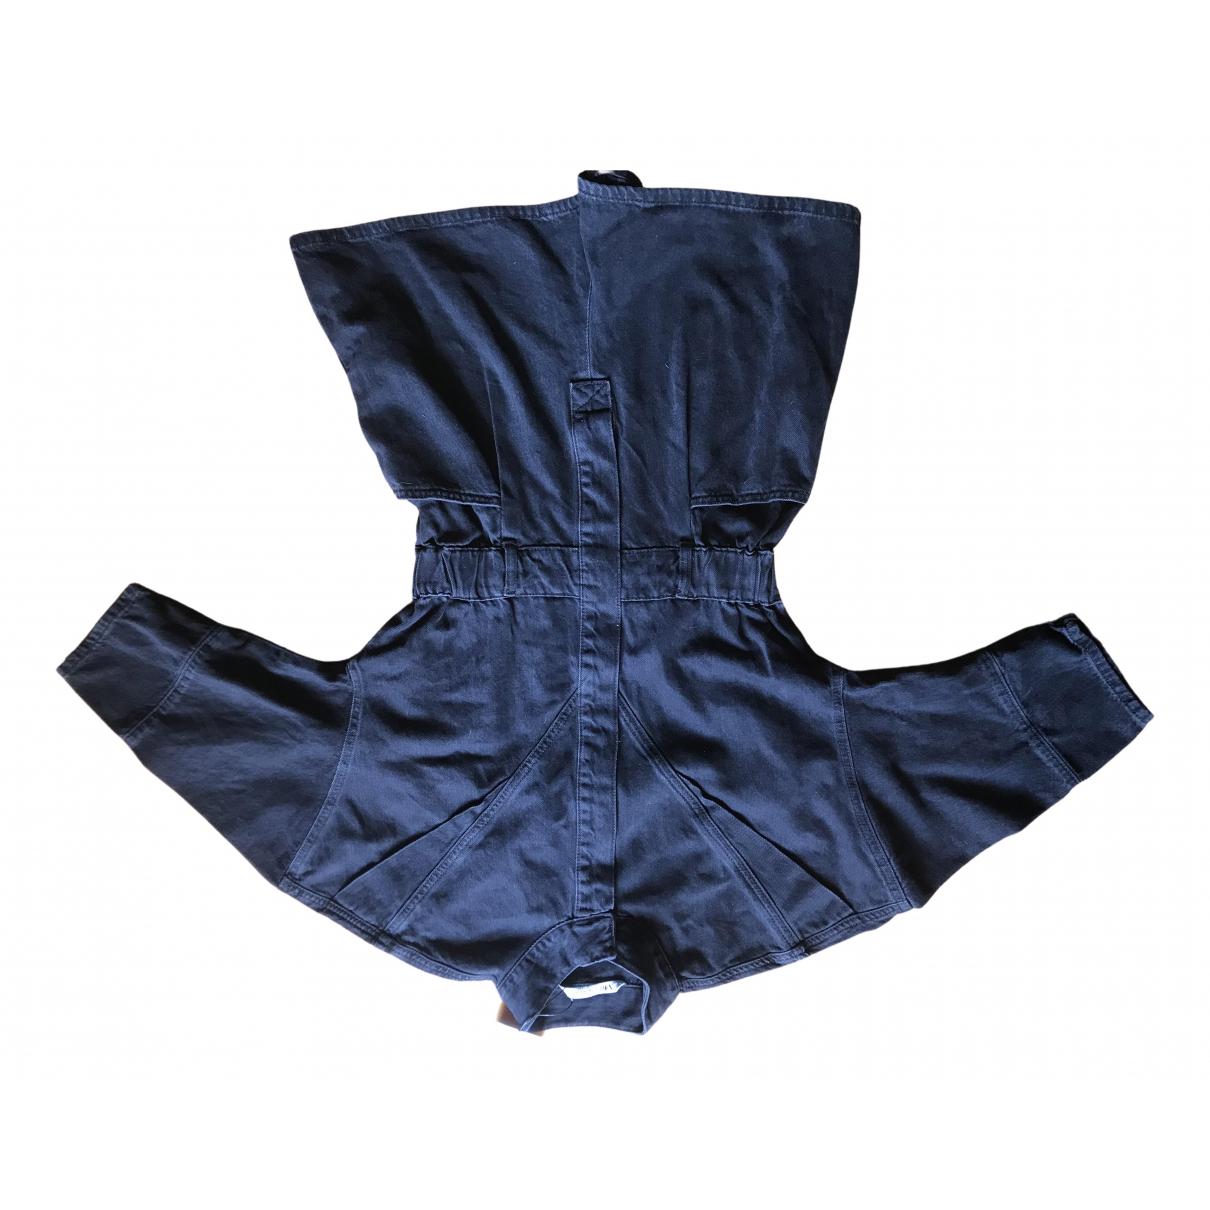 Zara - Combinaison   pour femme en denim - noir